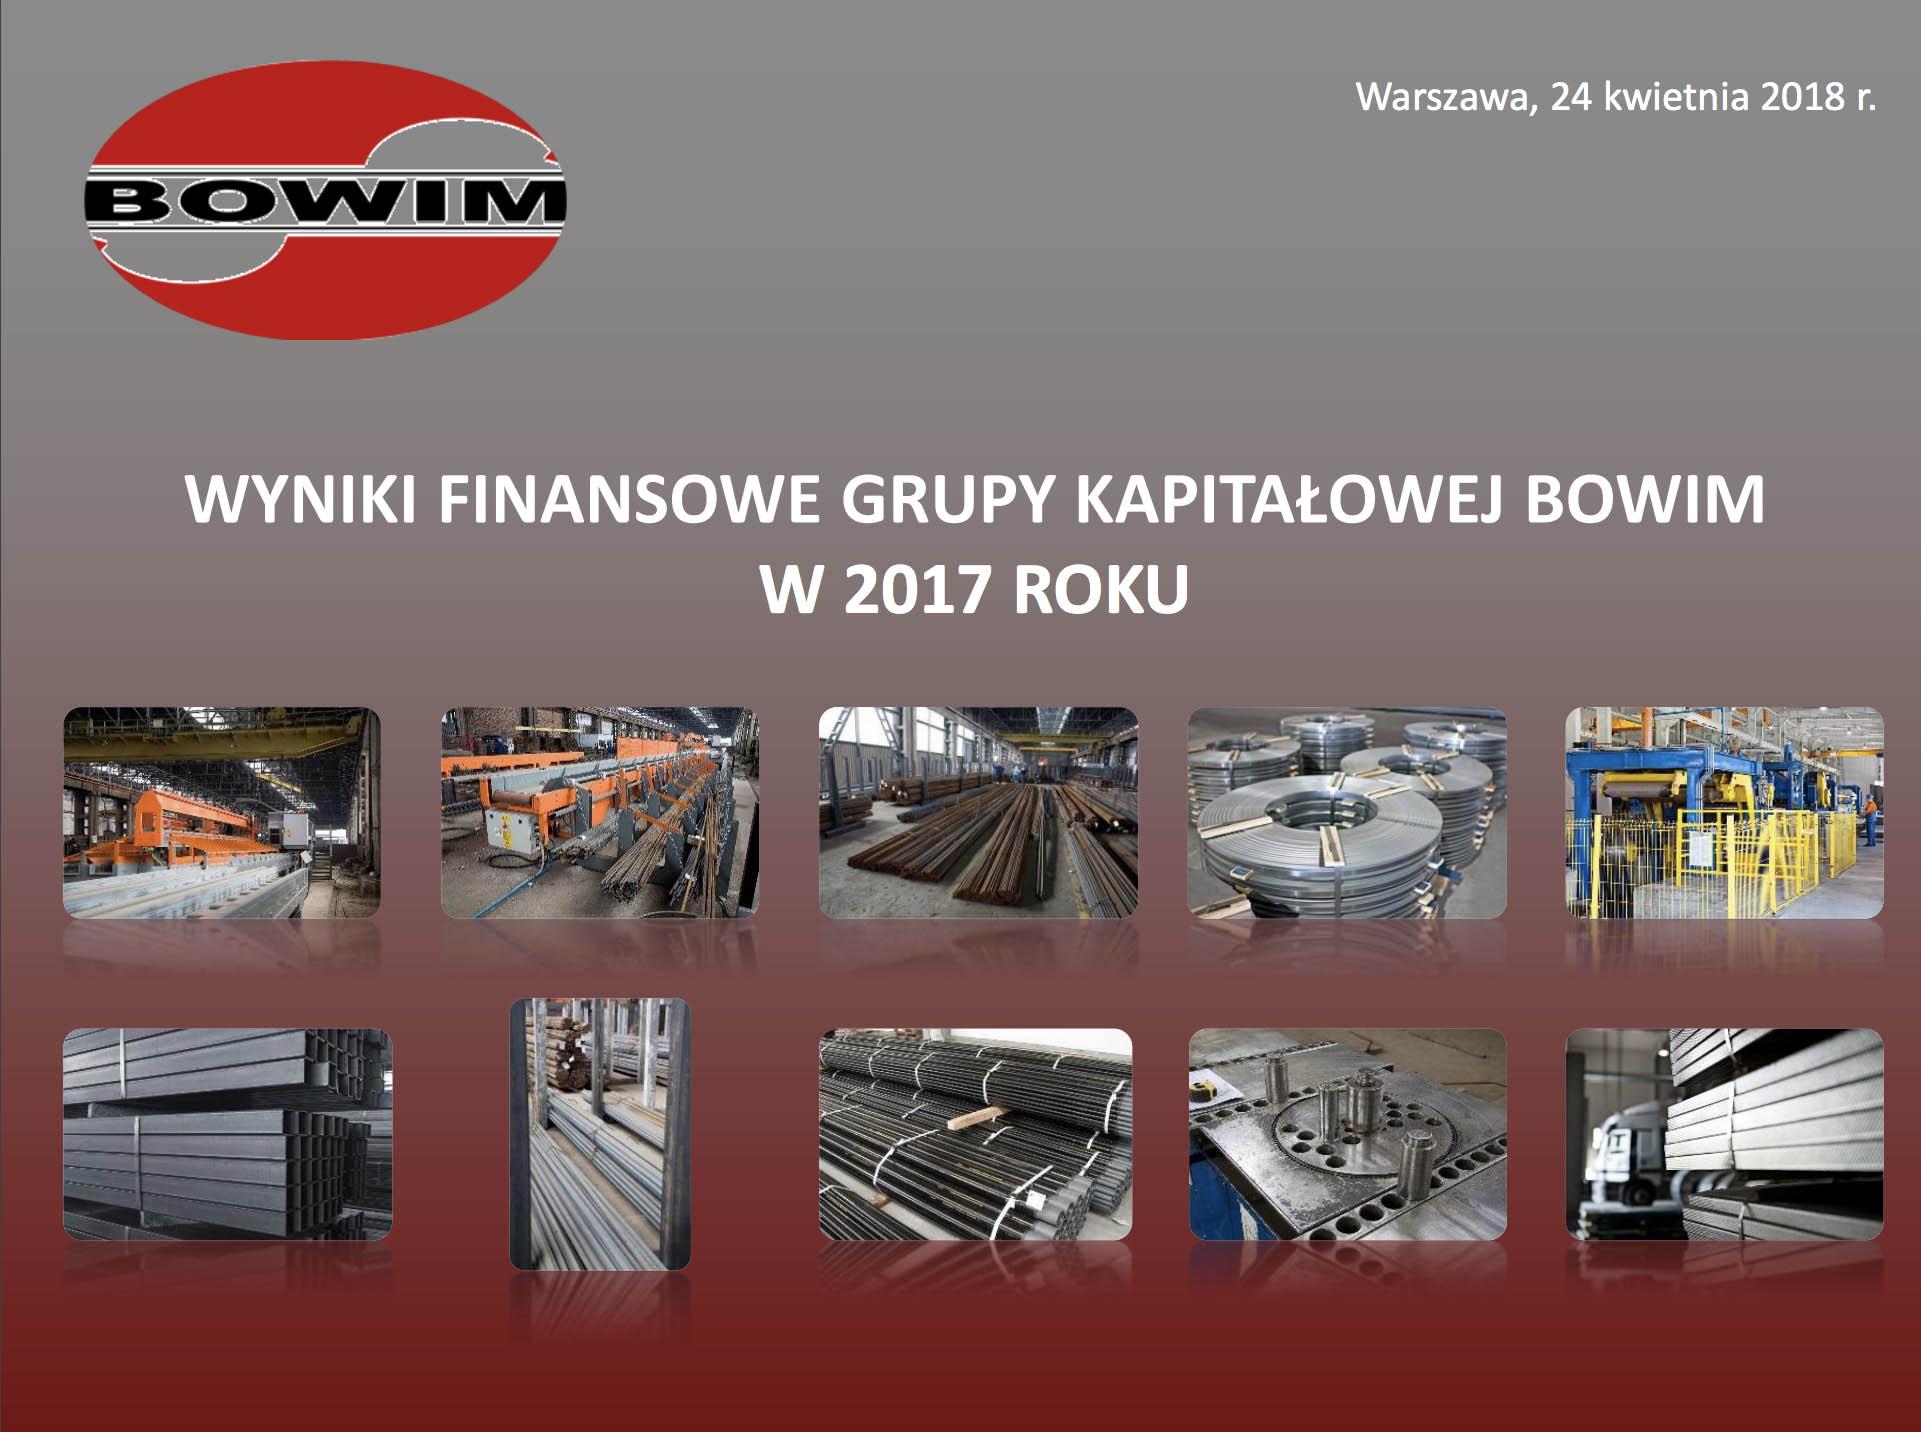 wyniki finansowe grupy kapitalowej Bowim w 2017 roku